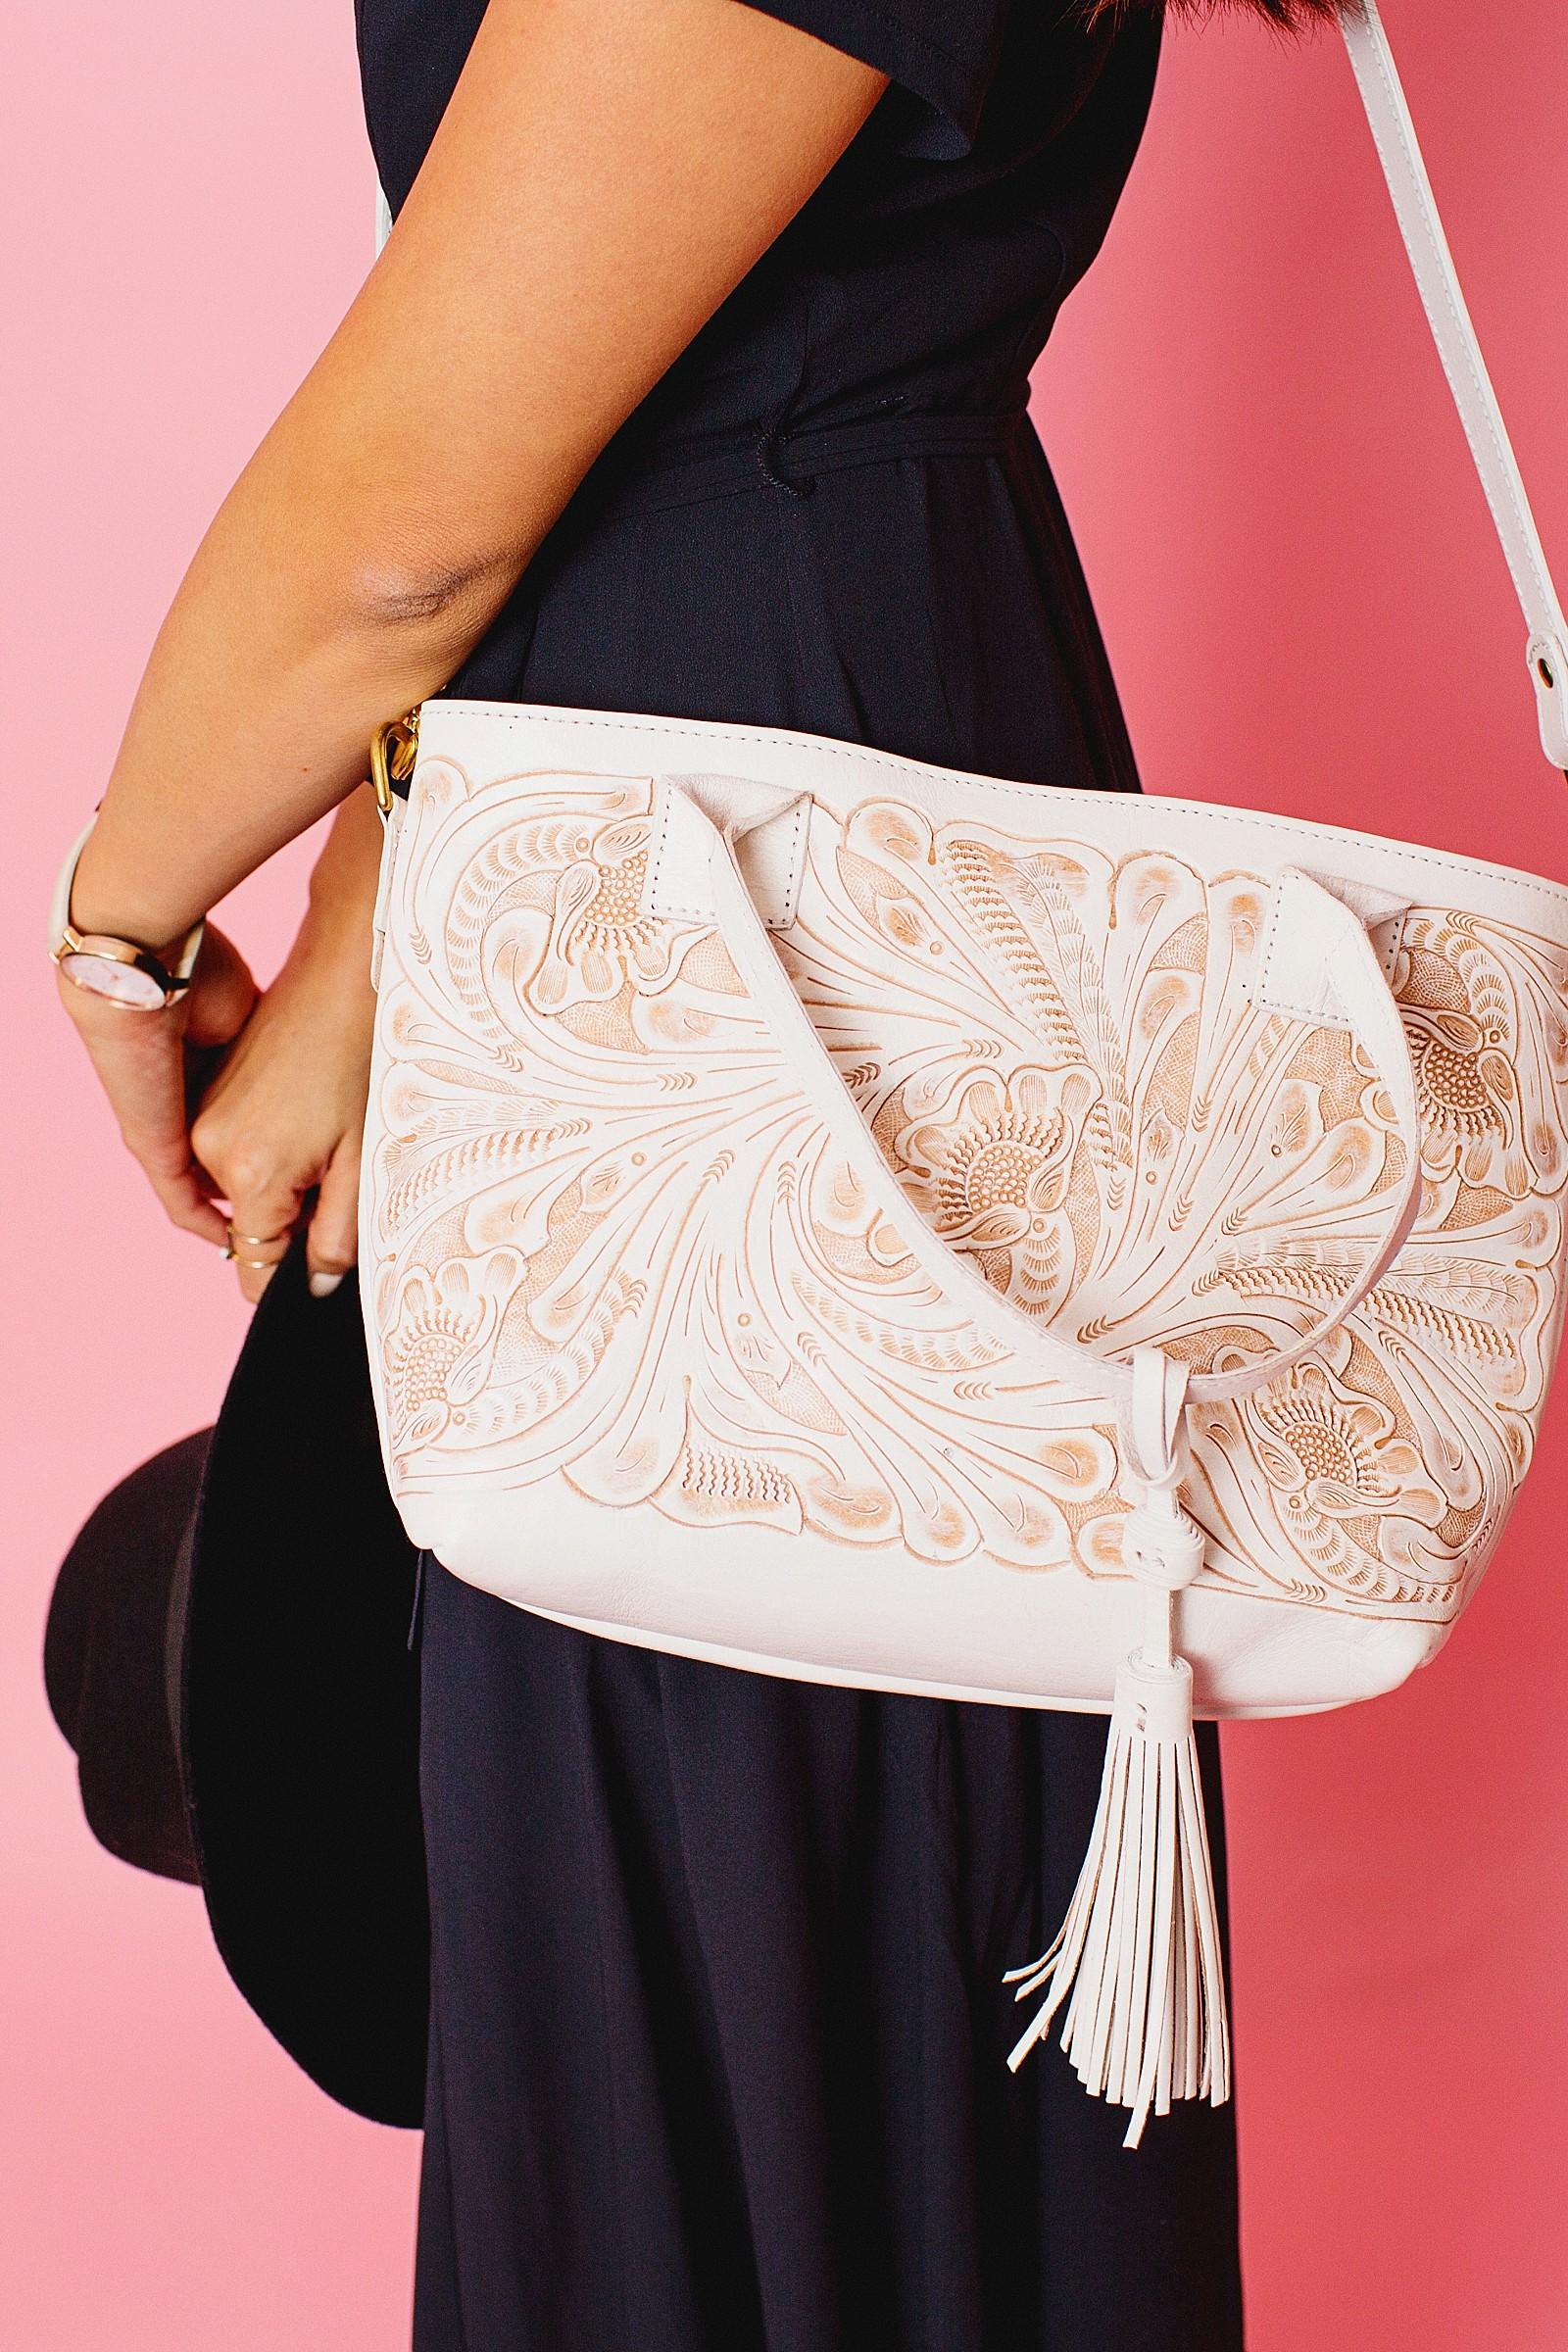 leather-tooled-purse-white-handbag-mexico-buy-order-chiseled-western-tassel-tote-purse-diana-elizabeth-lifestyle-fashion-blogger-phoenix-arizona-1504